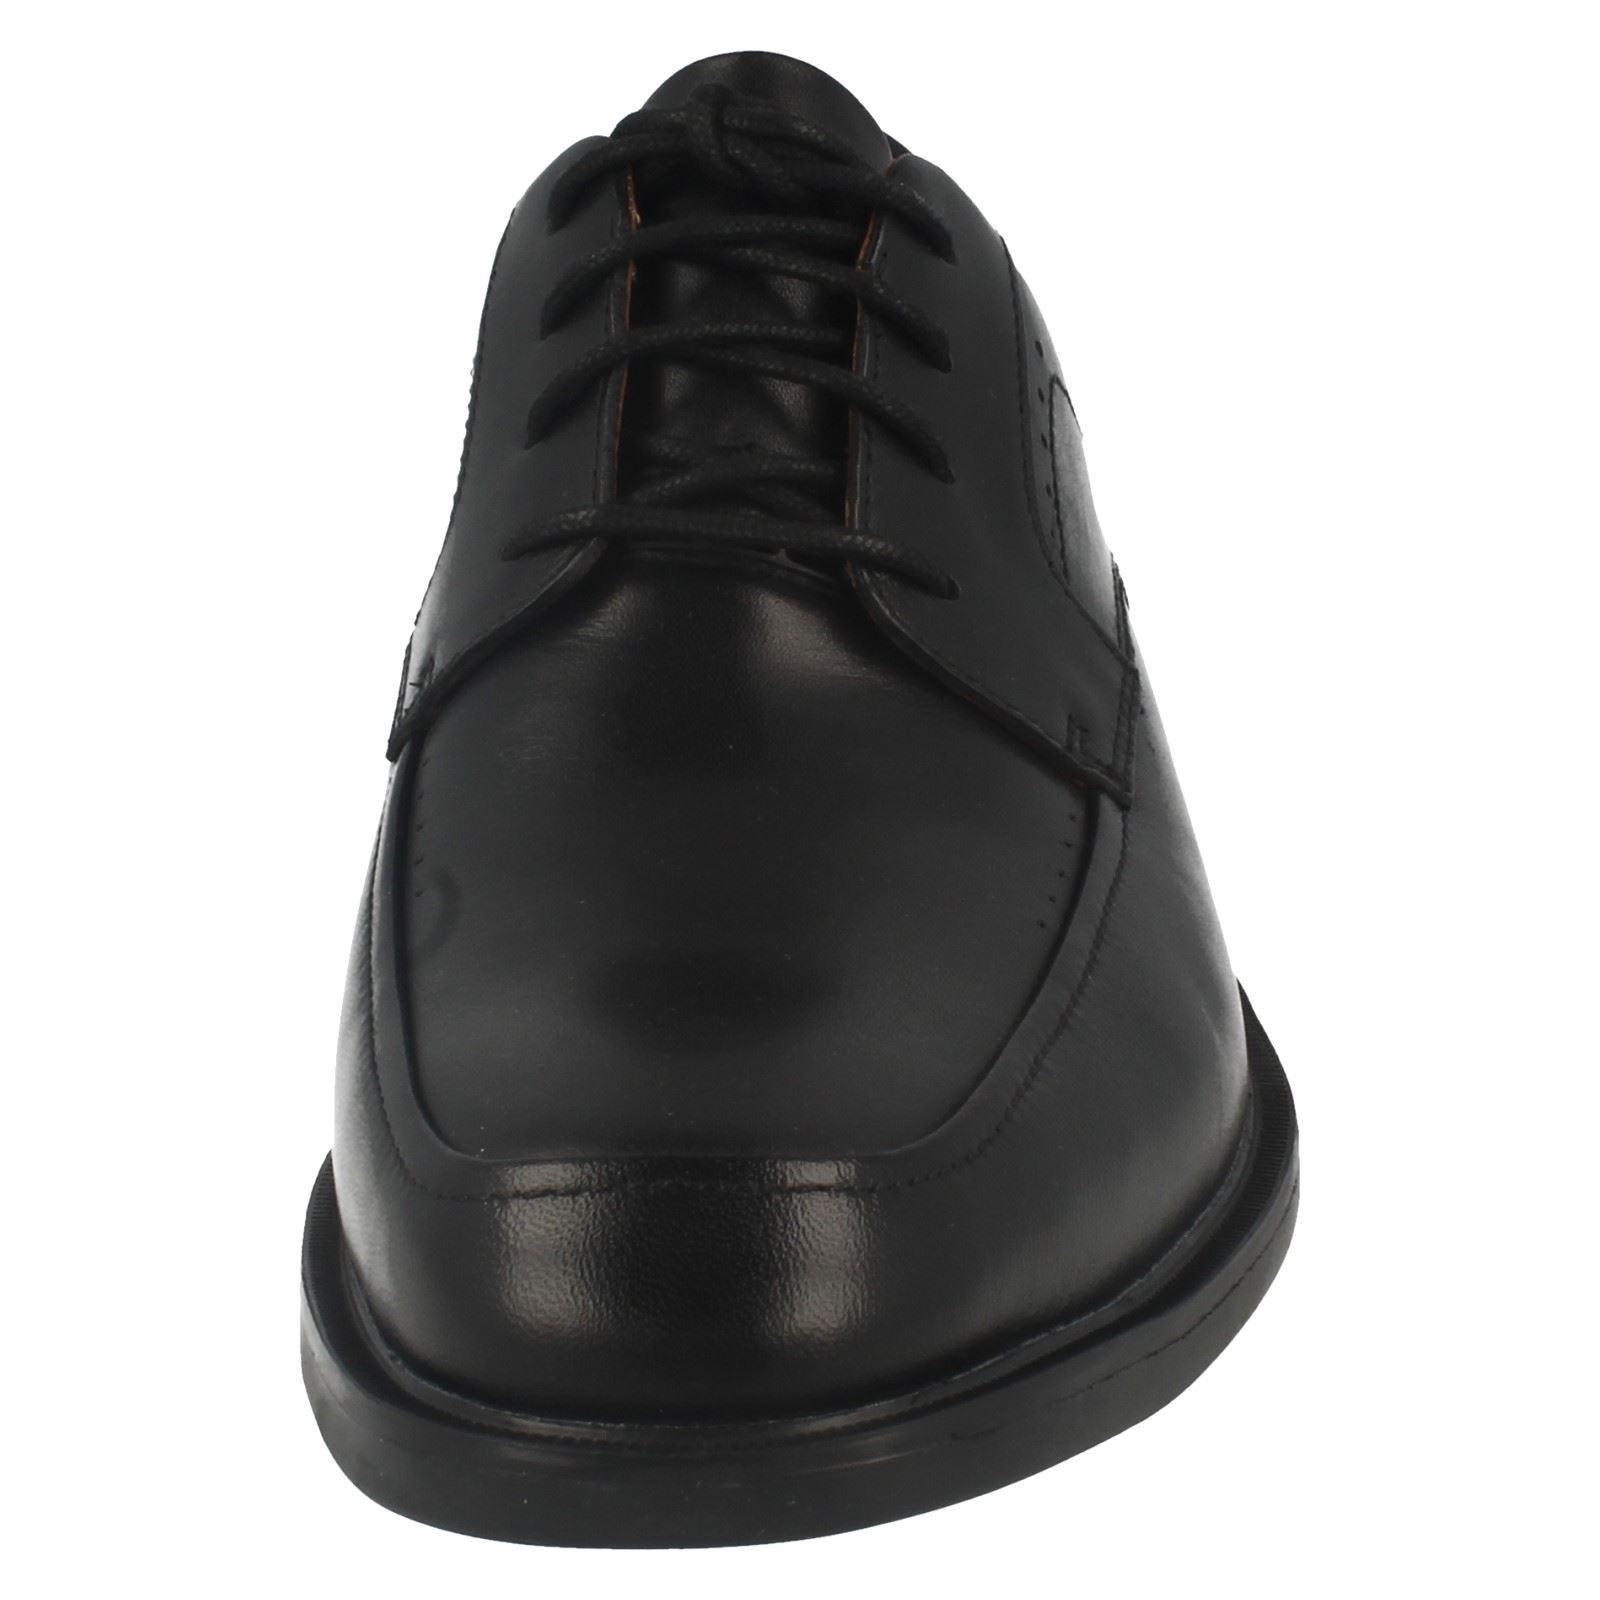 367b845c3807ae ... les hommes unbizley formelle formelle formelle selon les chaussures  clarks | Beau 1694a0